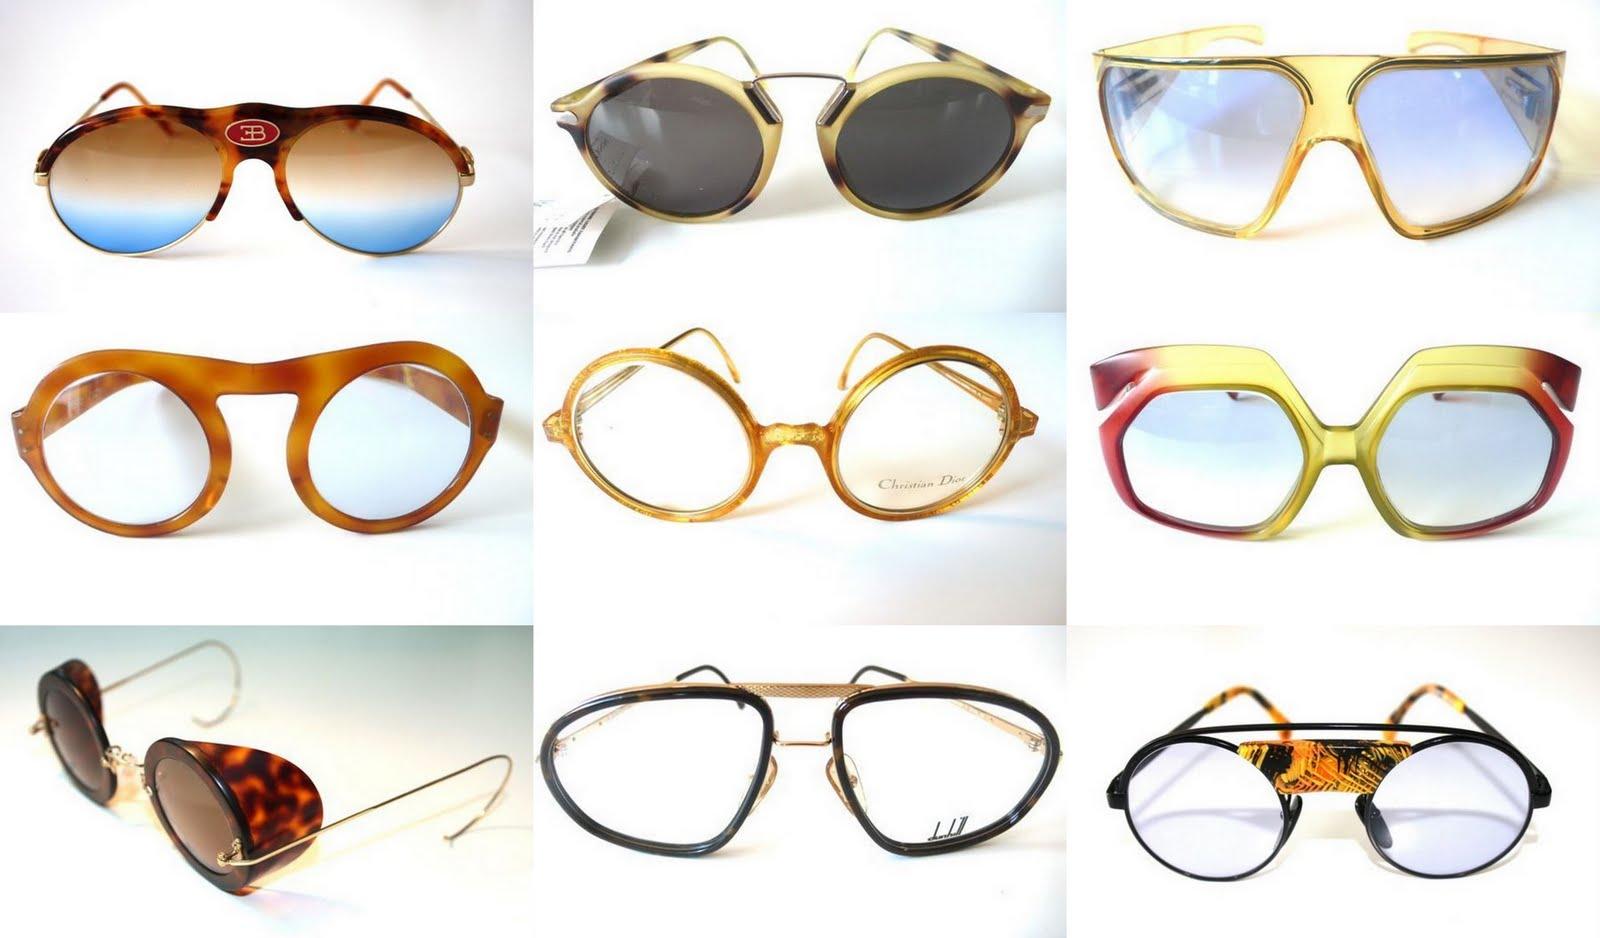 cea46dbf75 Gafas Vintage raras | Optica Lizarduy Gafas Graduadas y de Sol